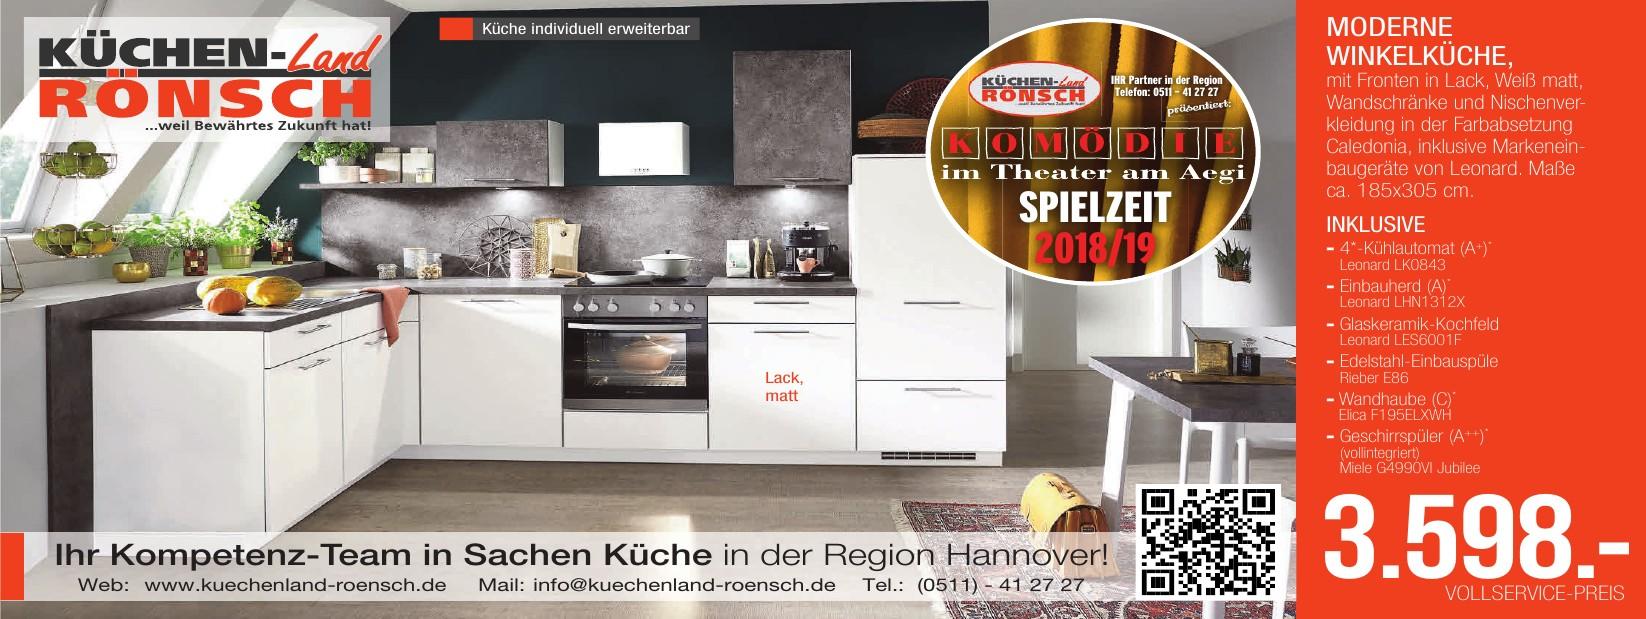 """Küchenland Rönsch"""" - Hemmingen & Wennigsen: Küchen, Geräte & Beratung"""